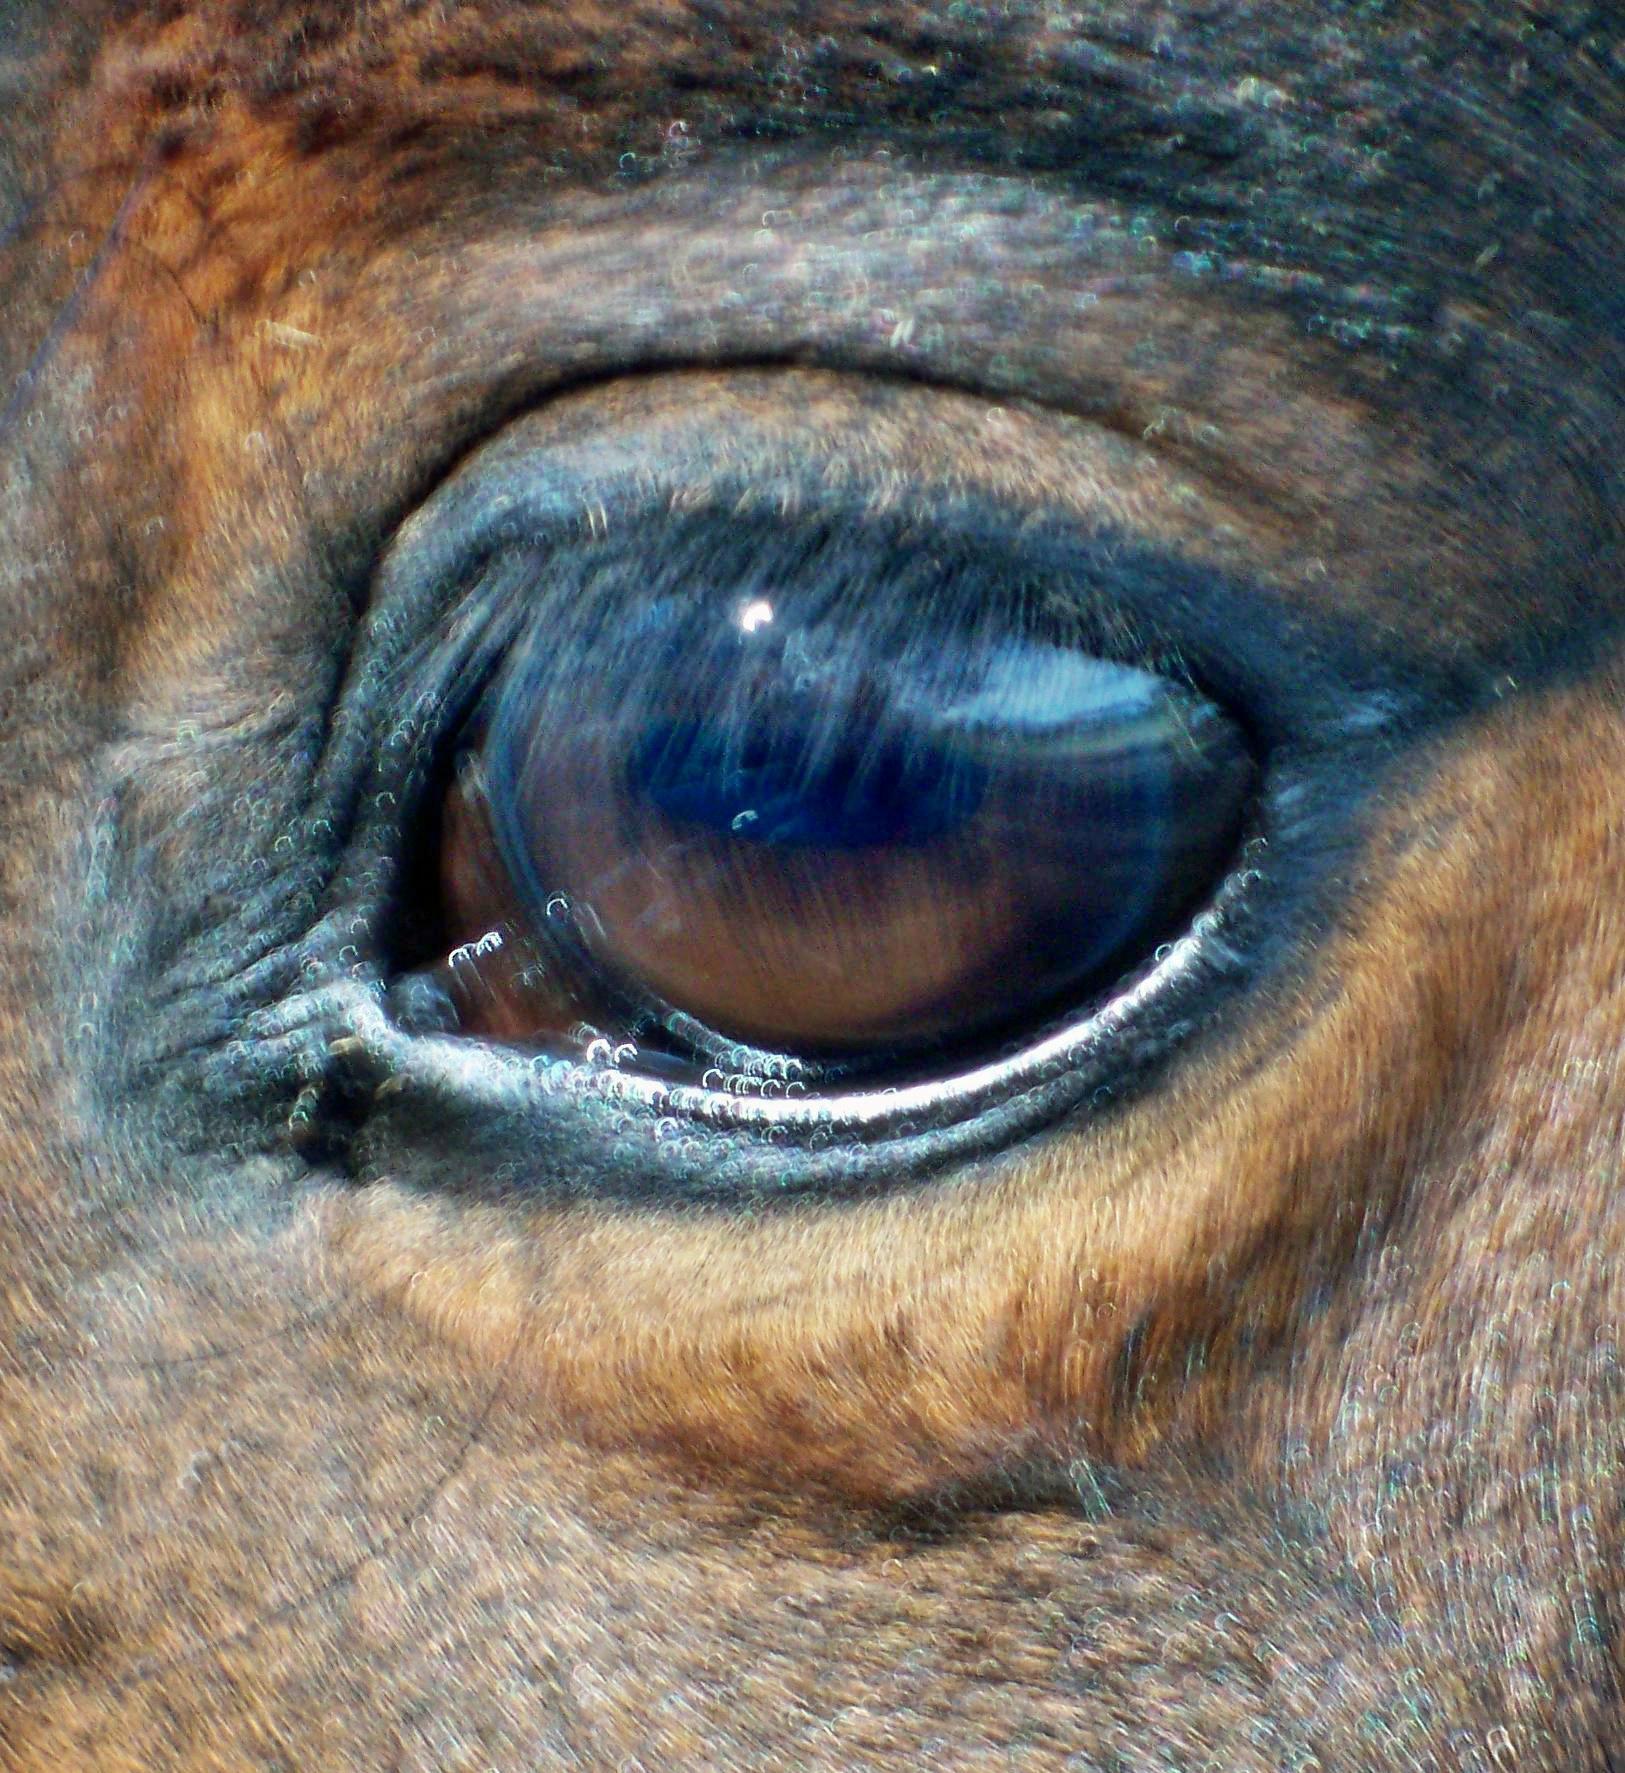 Benitos-eye-5.jpeg